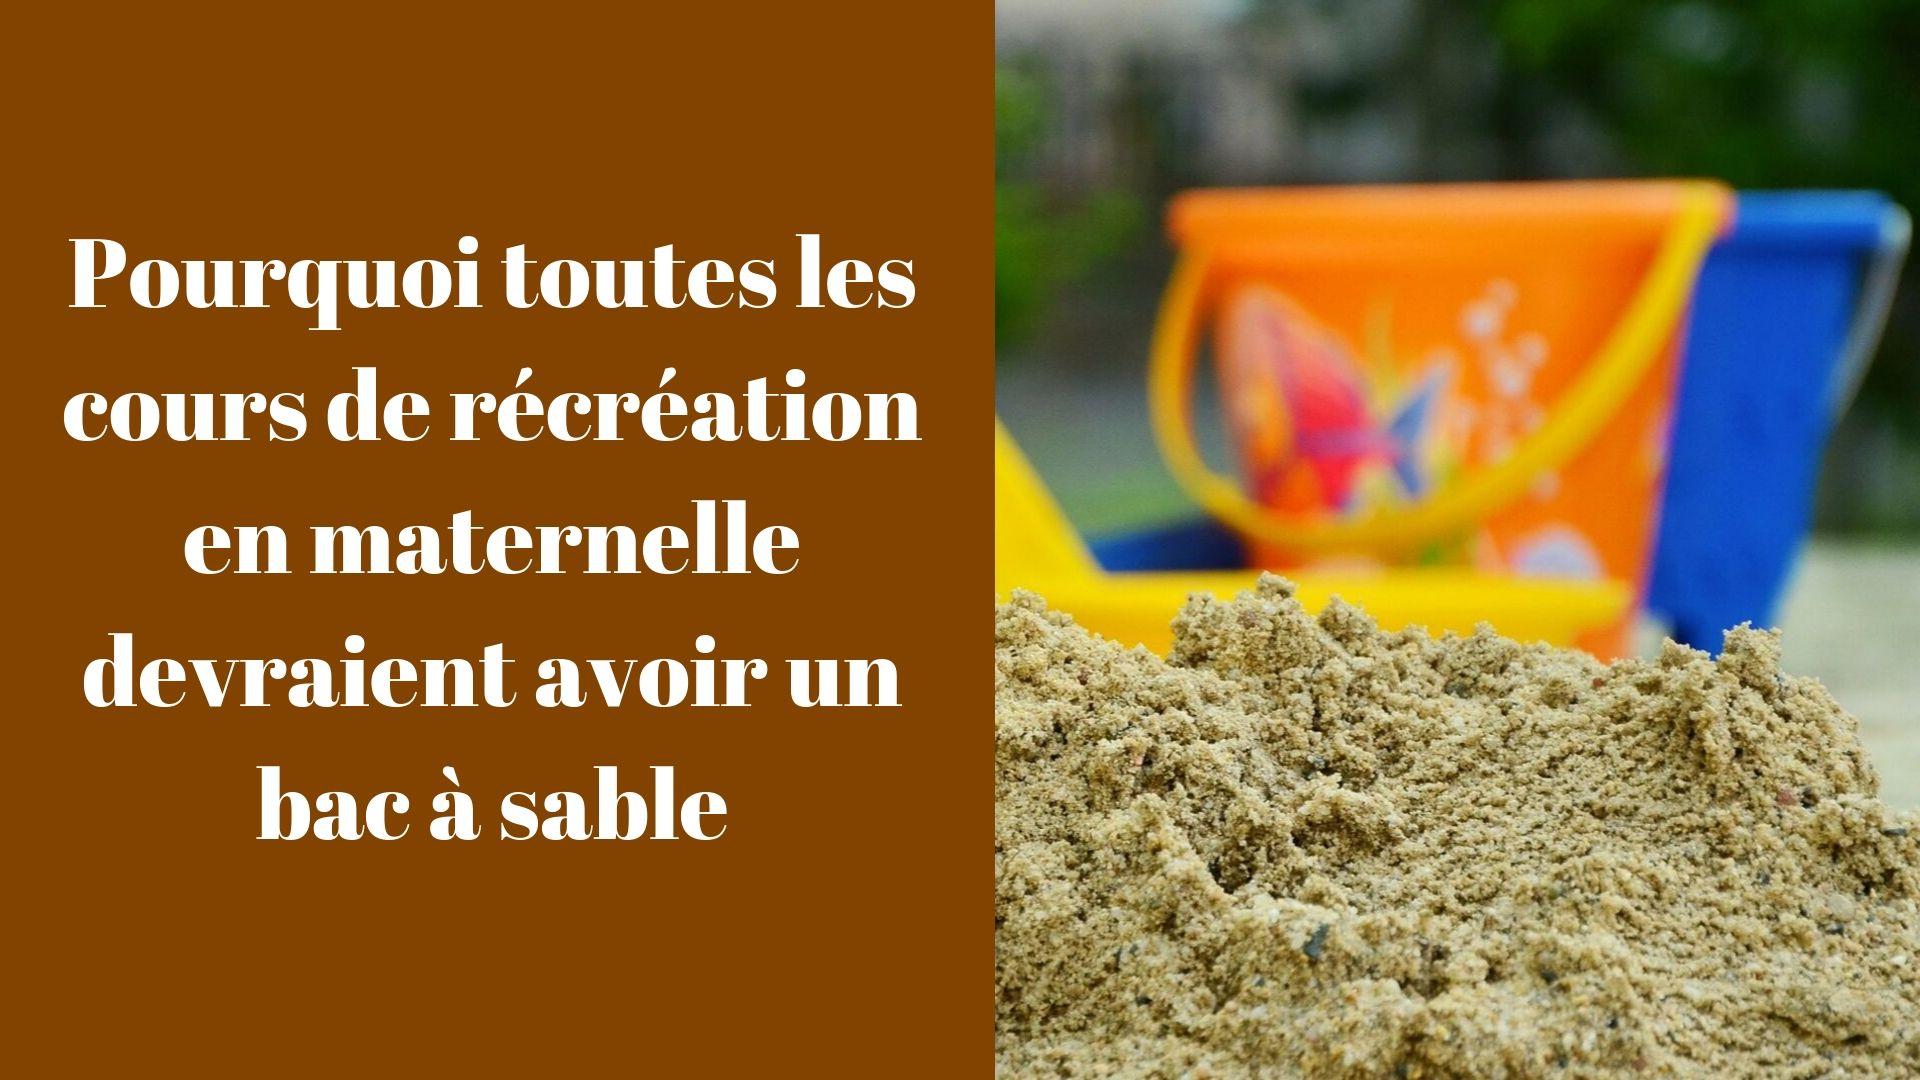 Pourquoi toutes les cours de récréation en maternelle devraient avoir un bac à sable